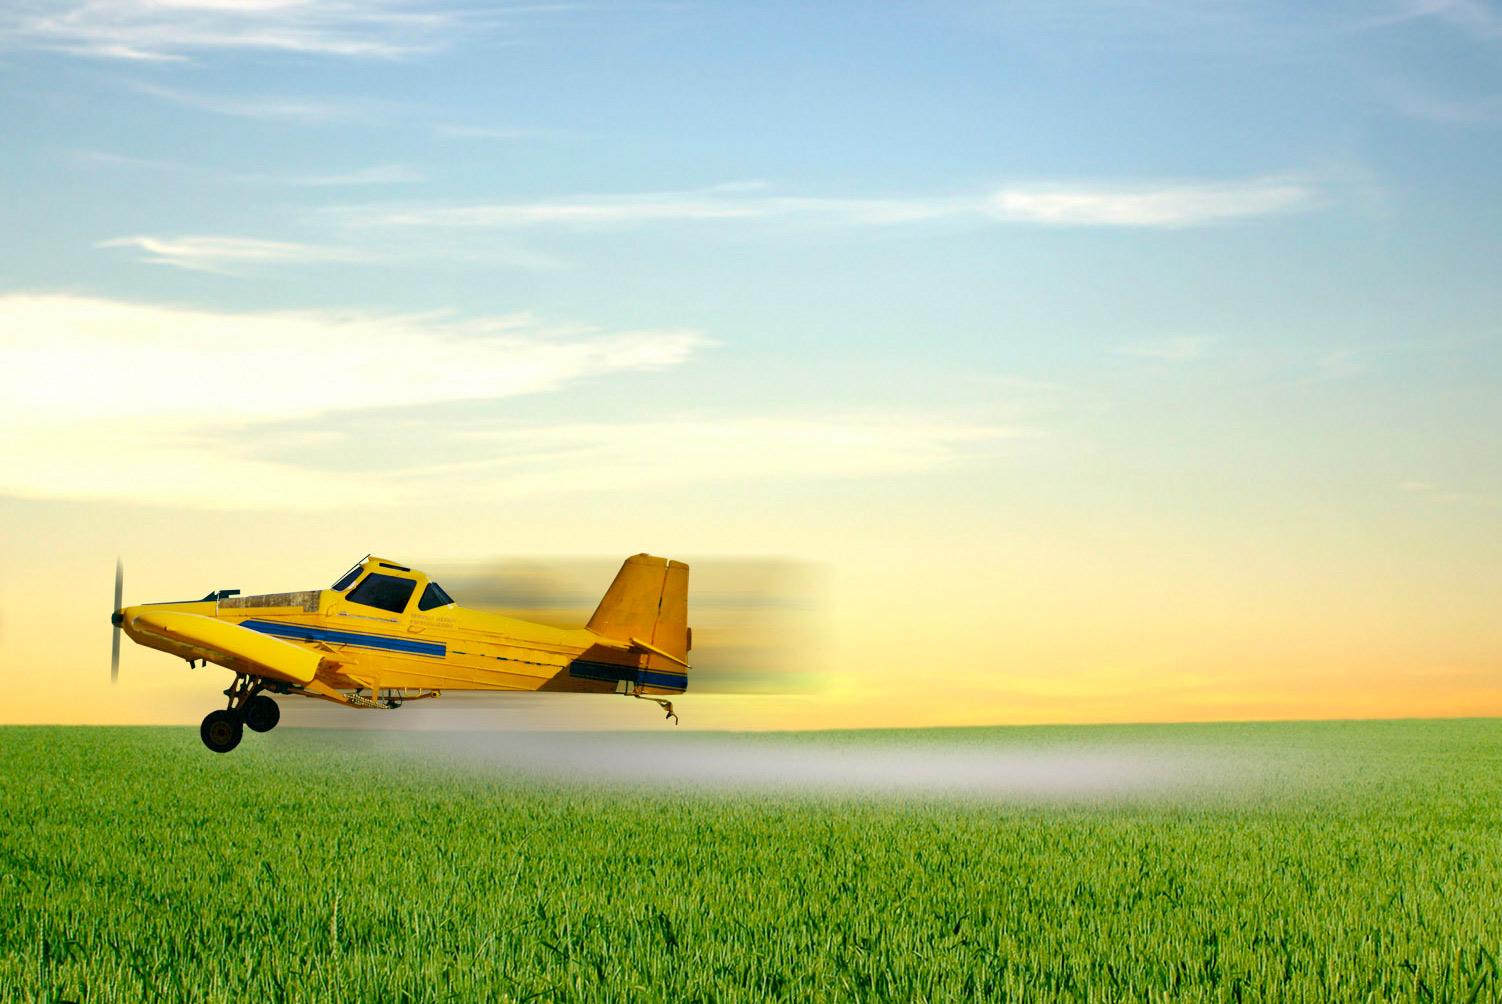 Aprovação SAE para operação aeroagrícola